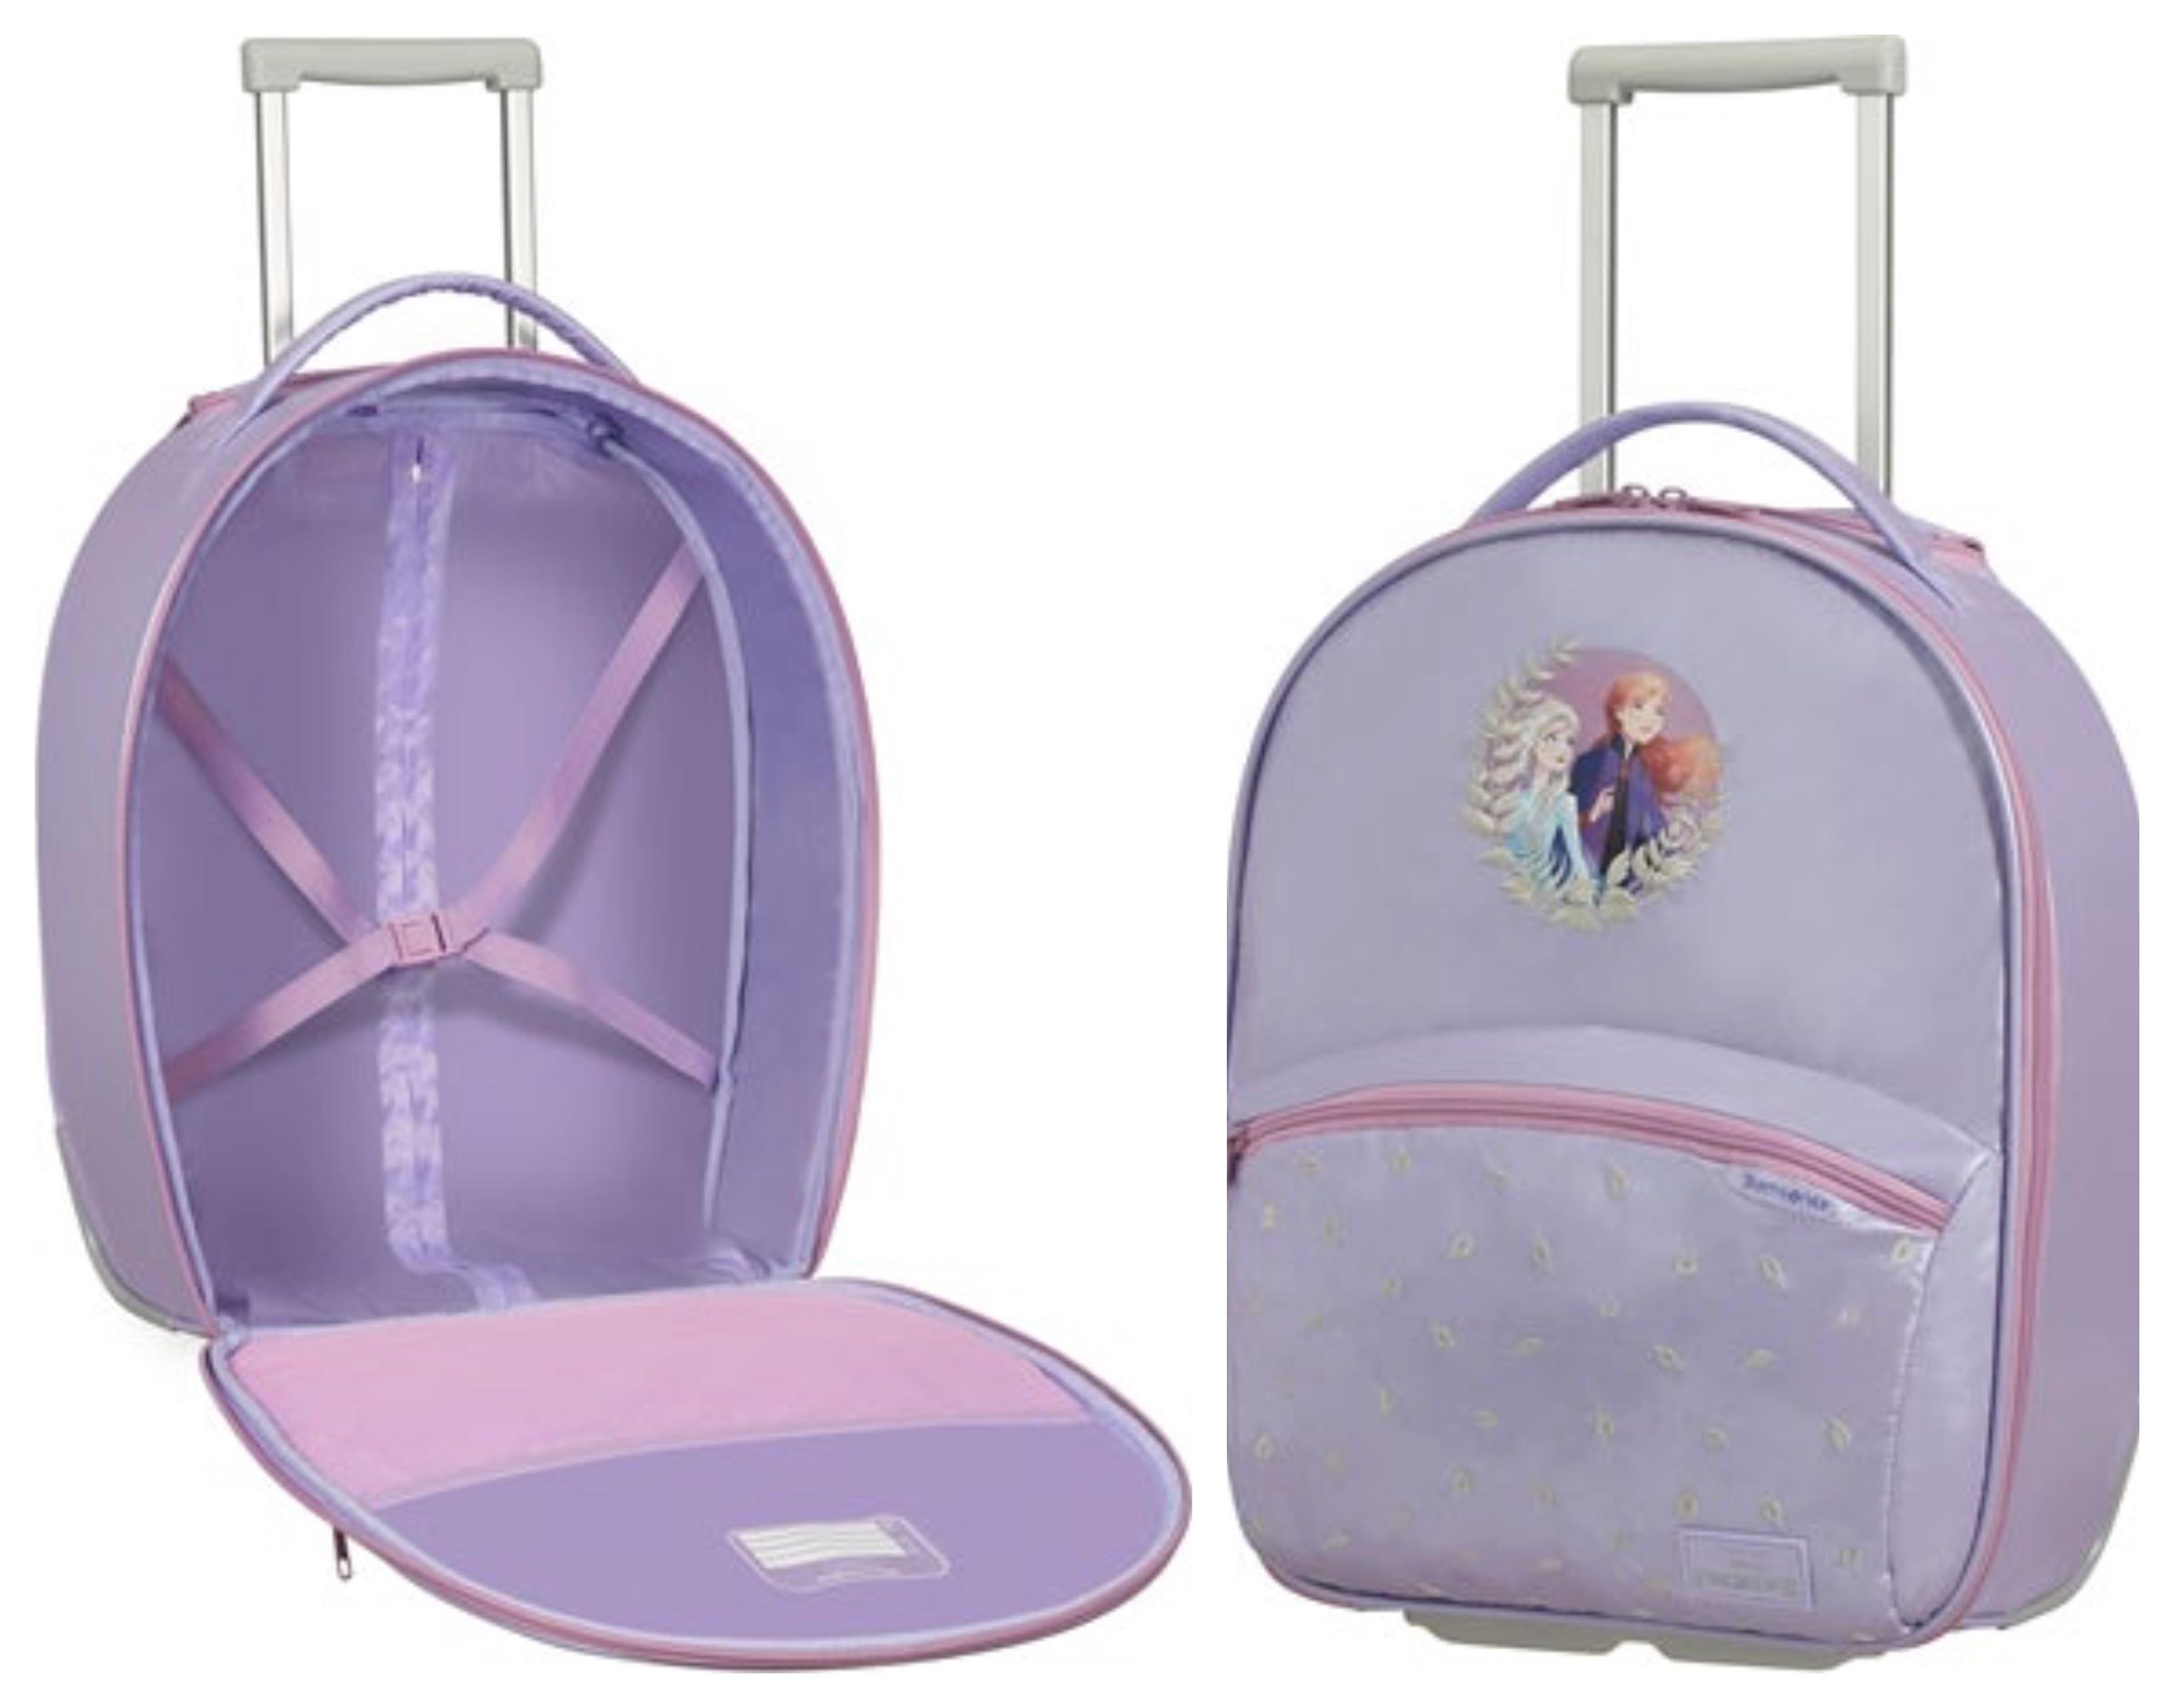 Disney Frozen 2 børnekuffert - Frost kuffert - tag Anna og Elsa med på rejsen